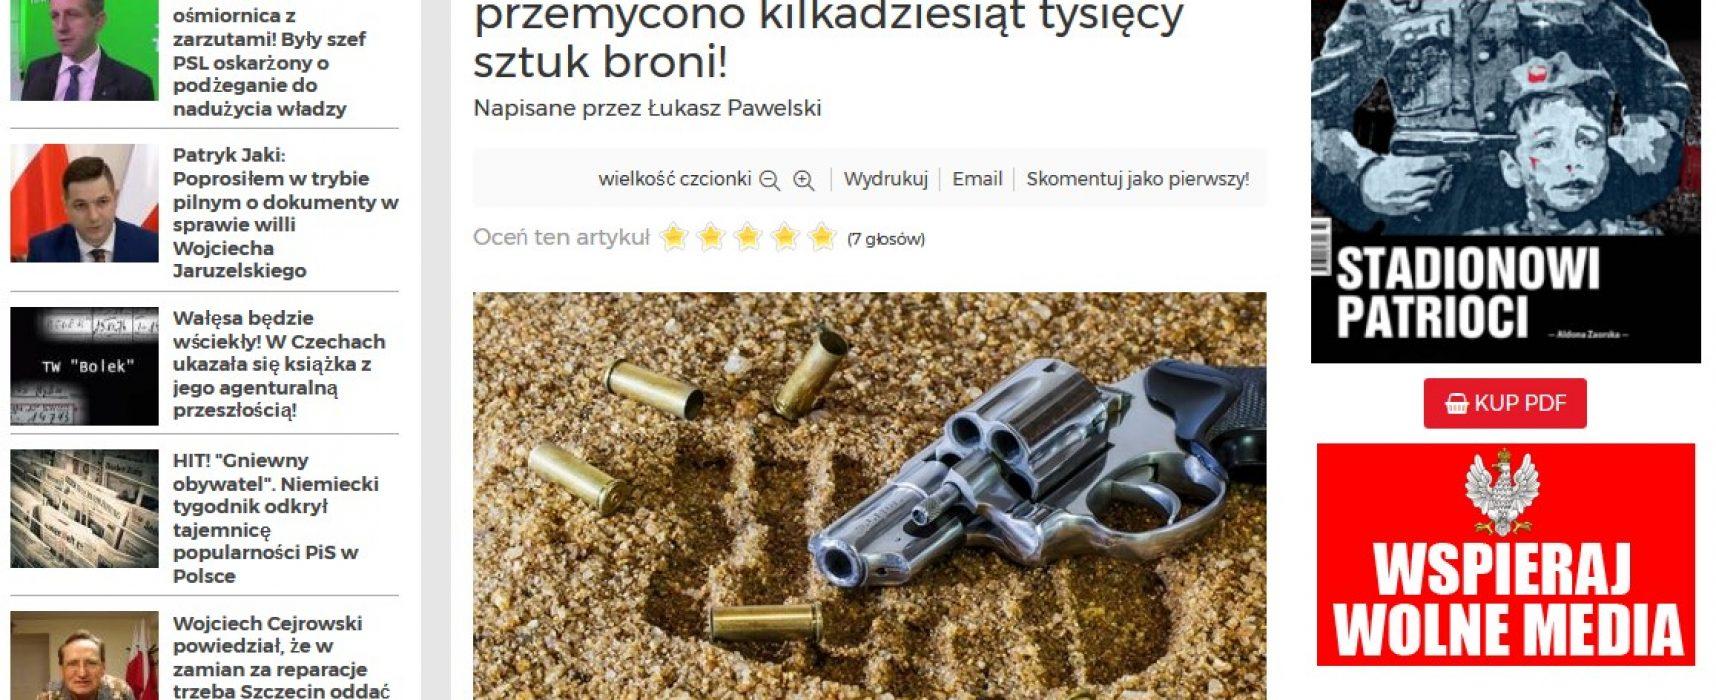 Fejk: Zalew nielegalnej broni z Ukrainy i podziemne struktury ukraińskich terrorystów